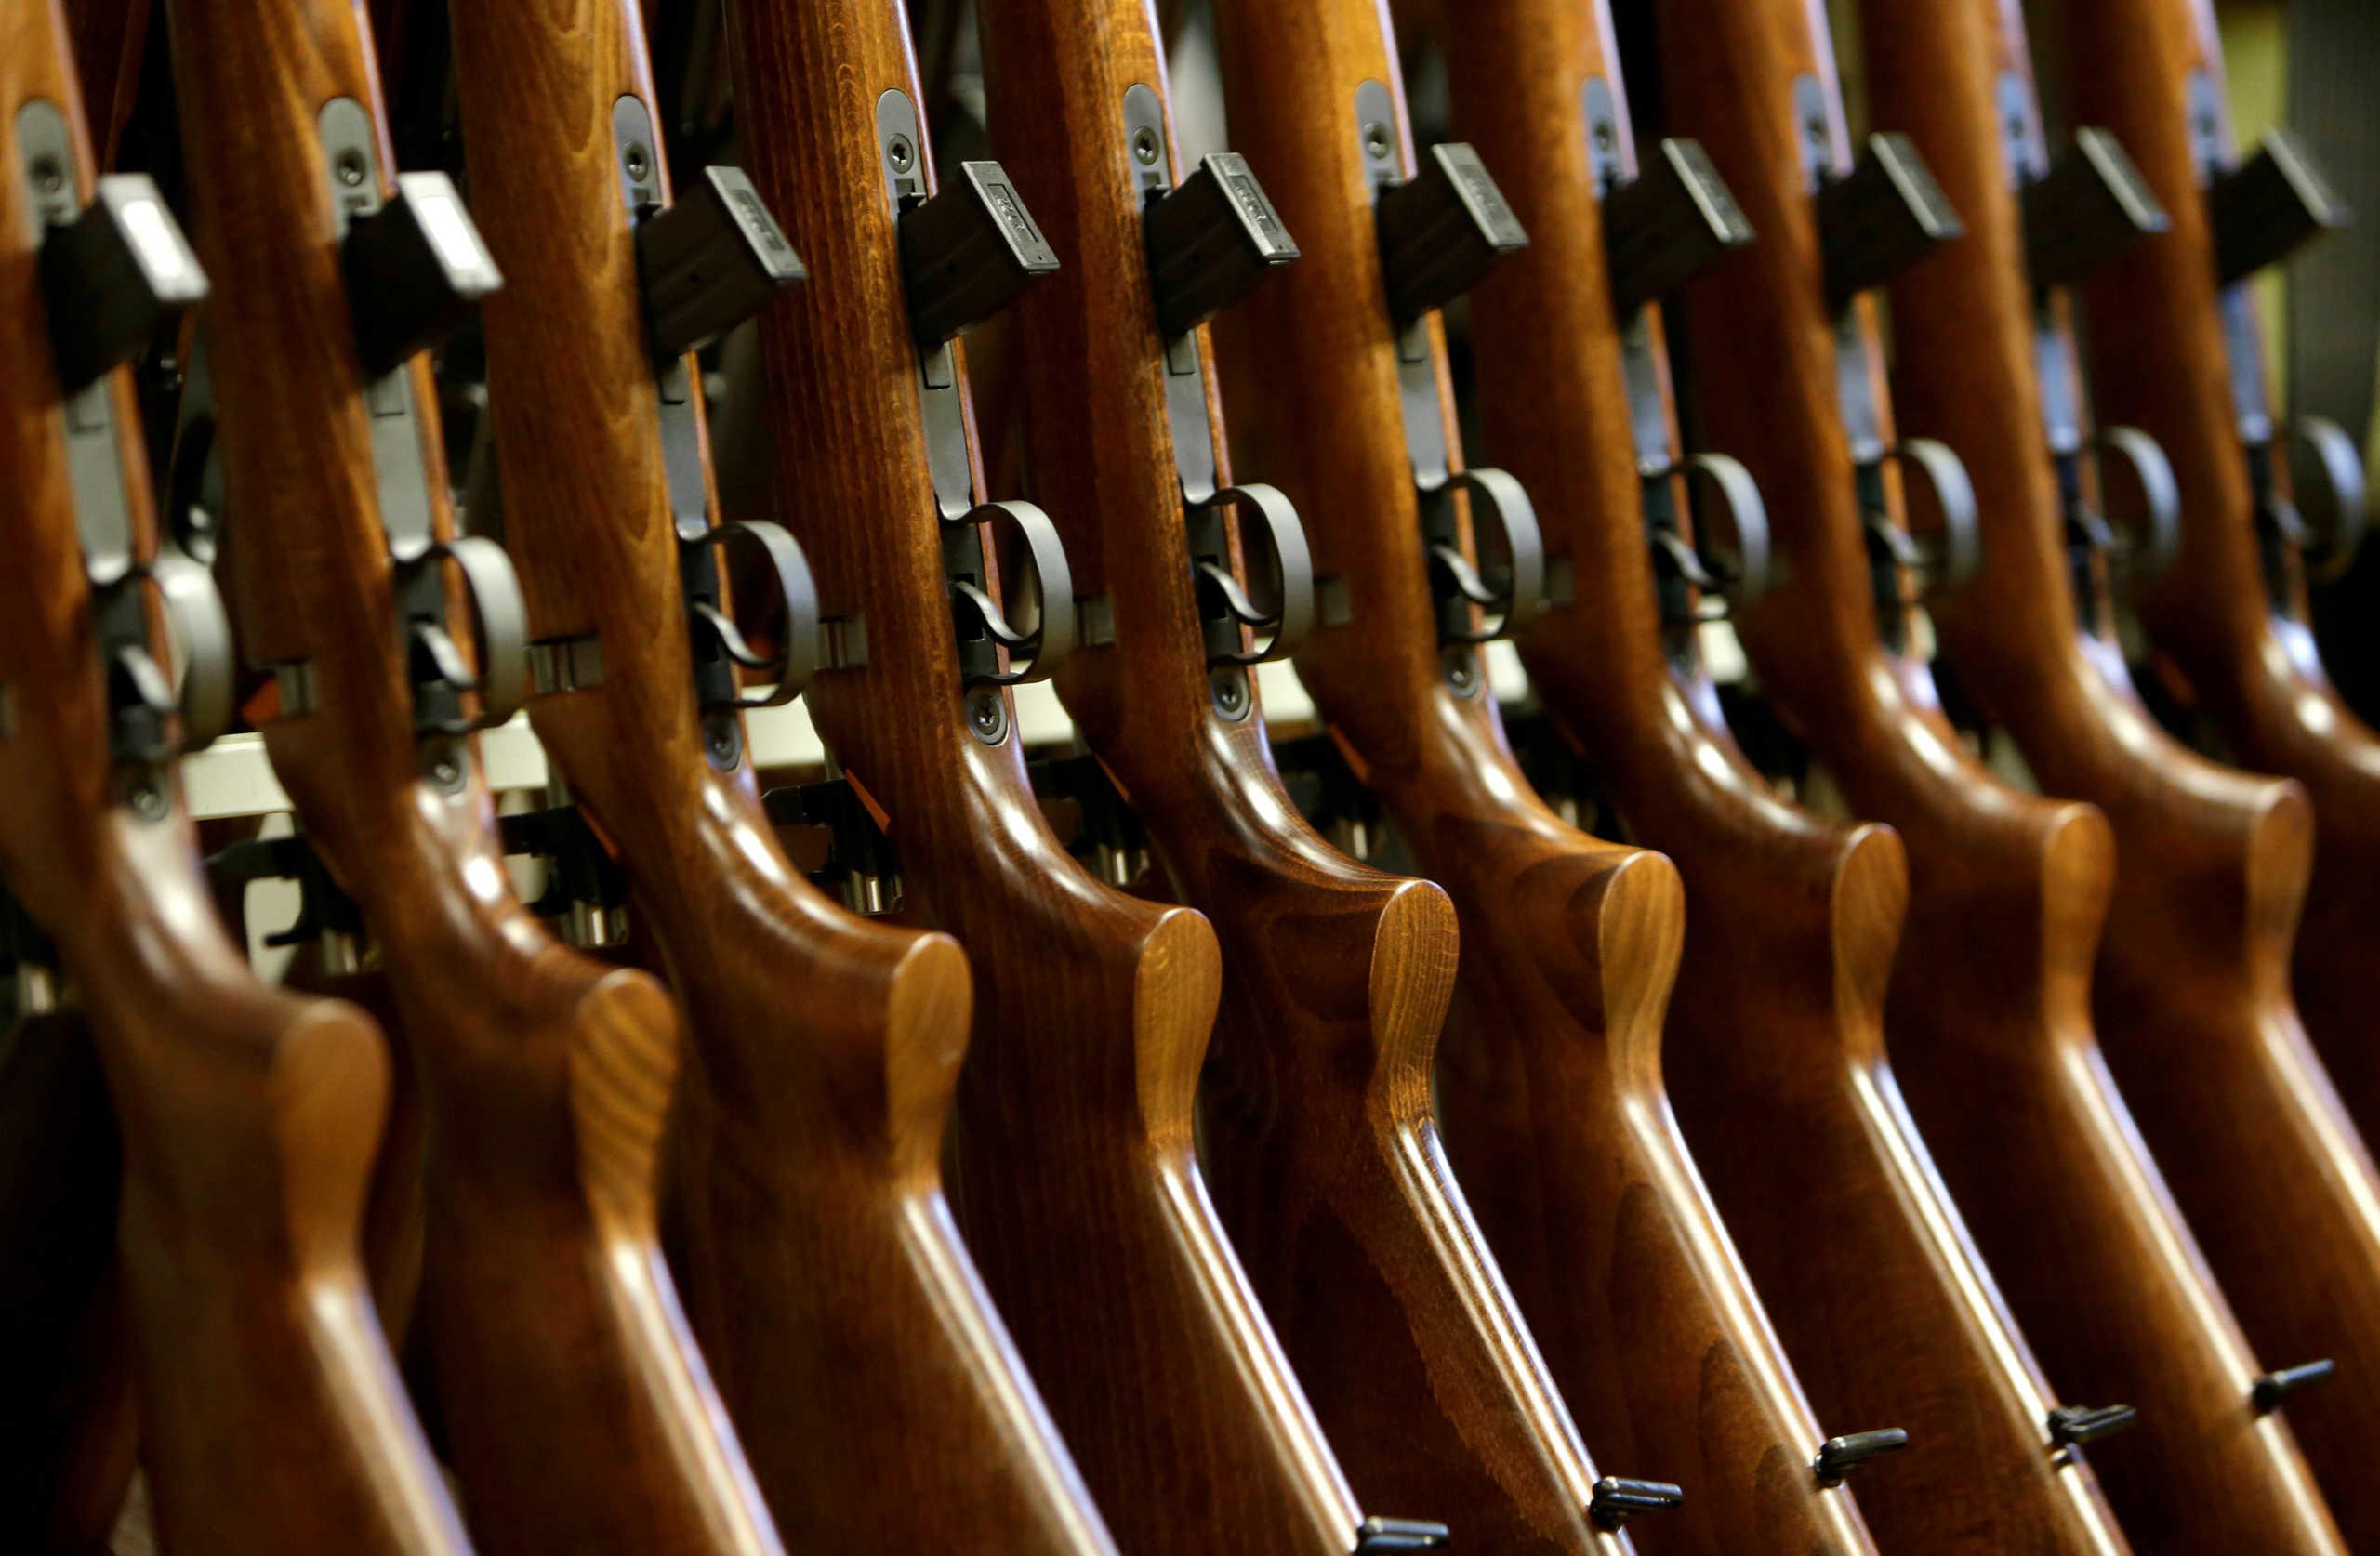 Στοκάρουν όπλα οι Αμερικανοί ενόψει εκλογών – Χρυσές δουλειές για τα οπλοπωλεία